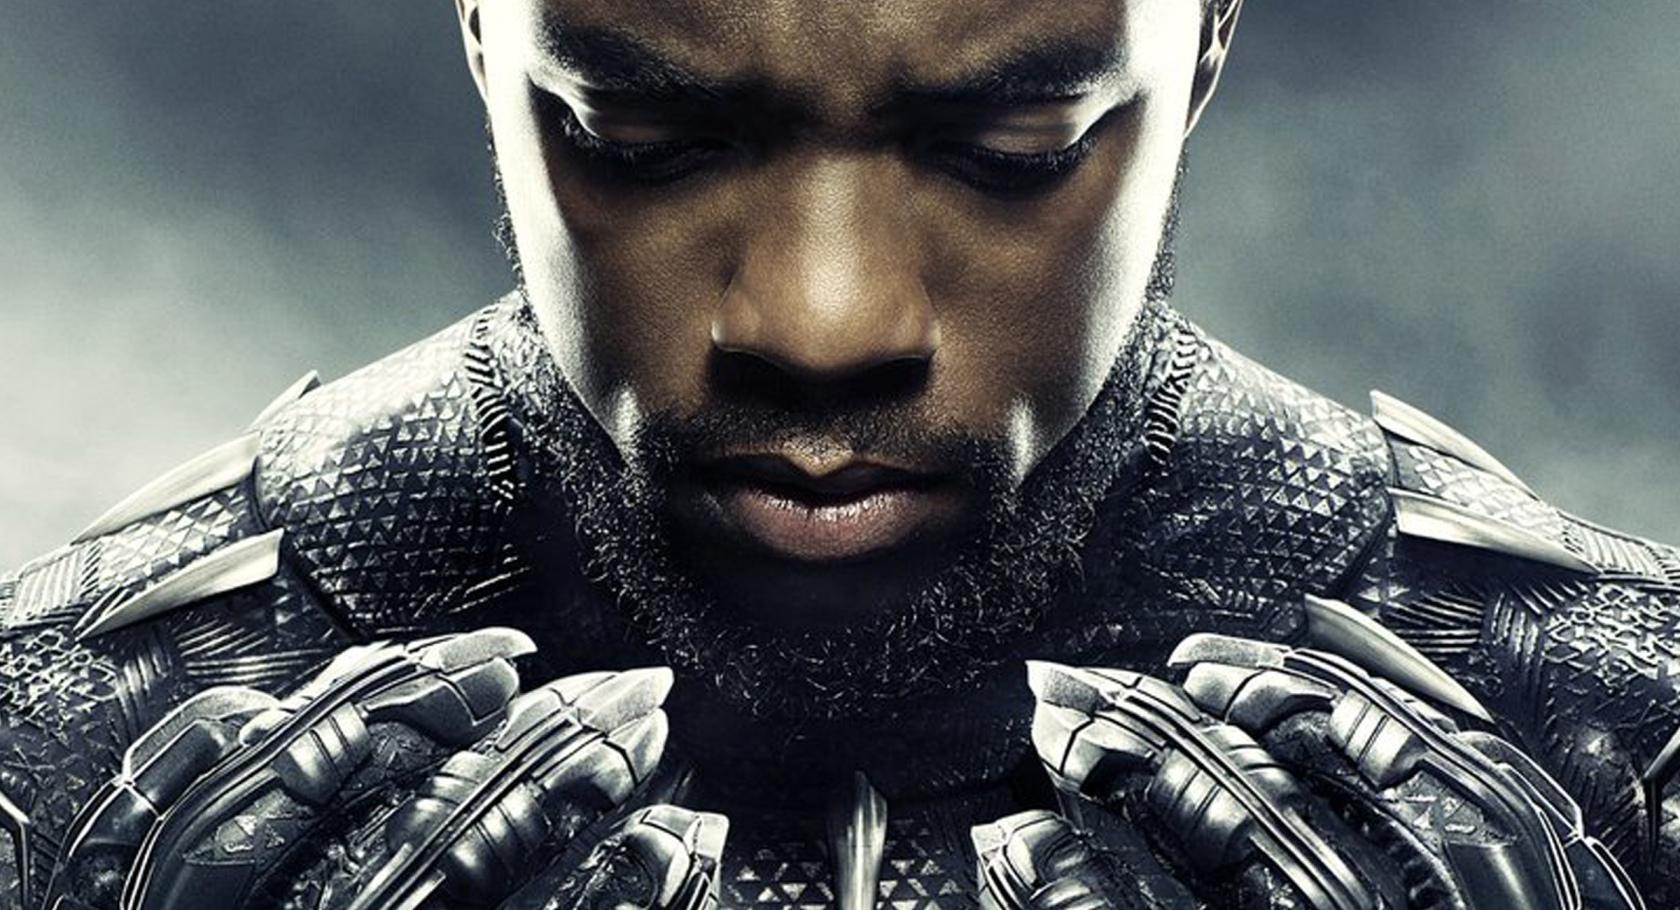 הפנתר השחור אחד הסרטים החשובים של השנה